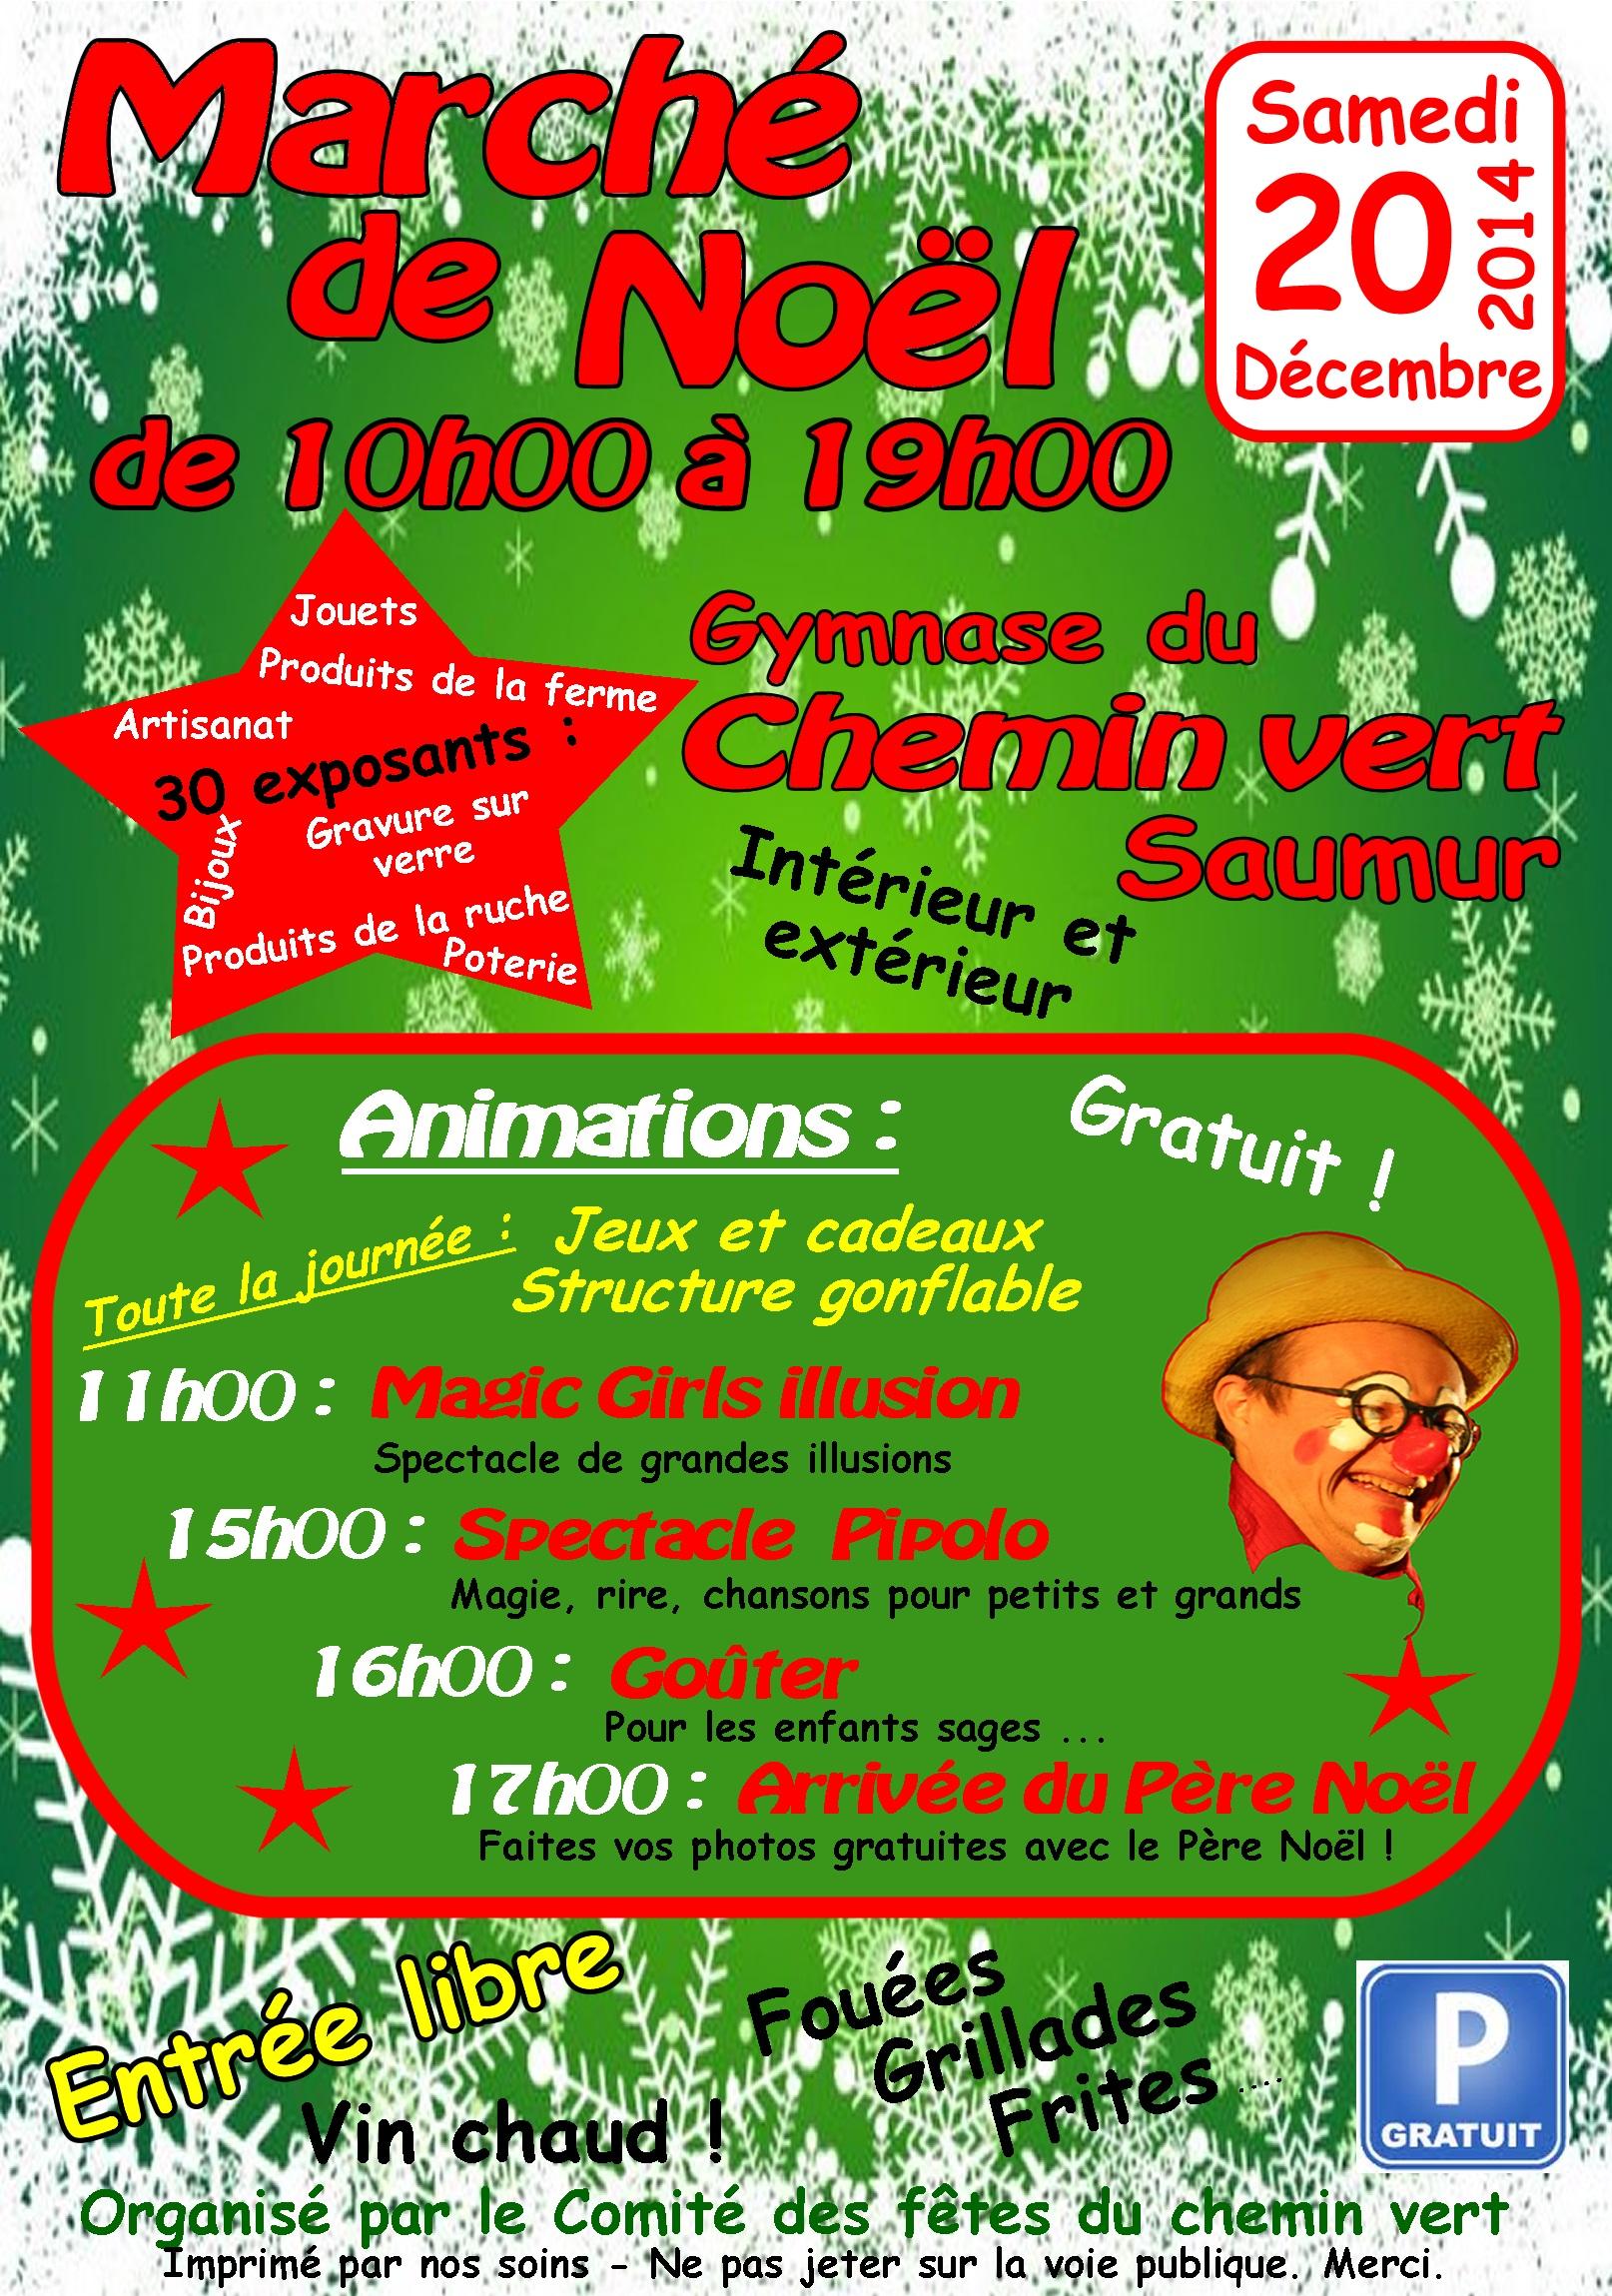 Populaire Comité des fêtes du Chemin vert : Marché de noël 2014 PF84